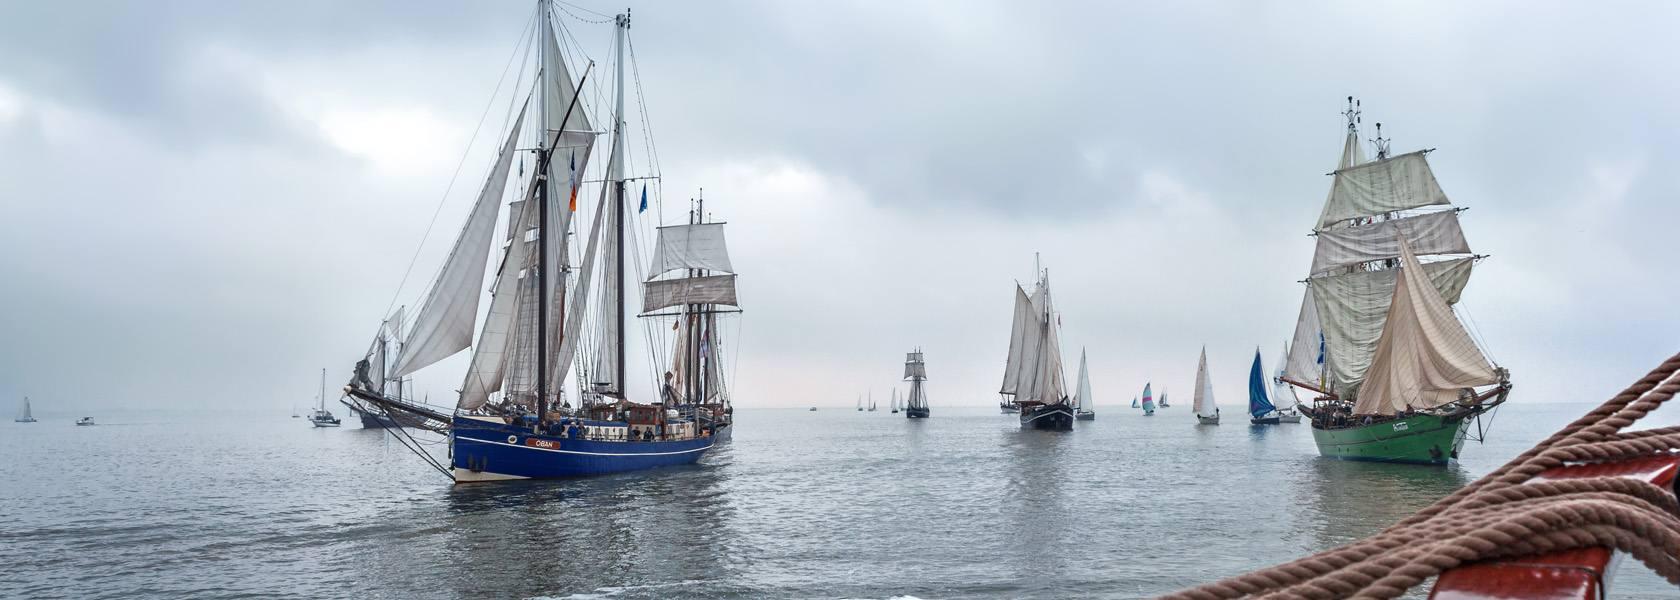 Wilhelmshaven Sailing-CUP, © Wilhelmshaven Touristik & Freizeit GmbH